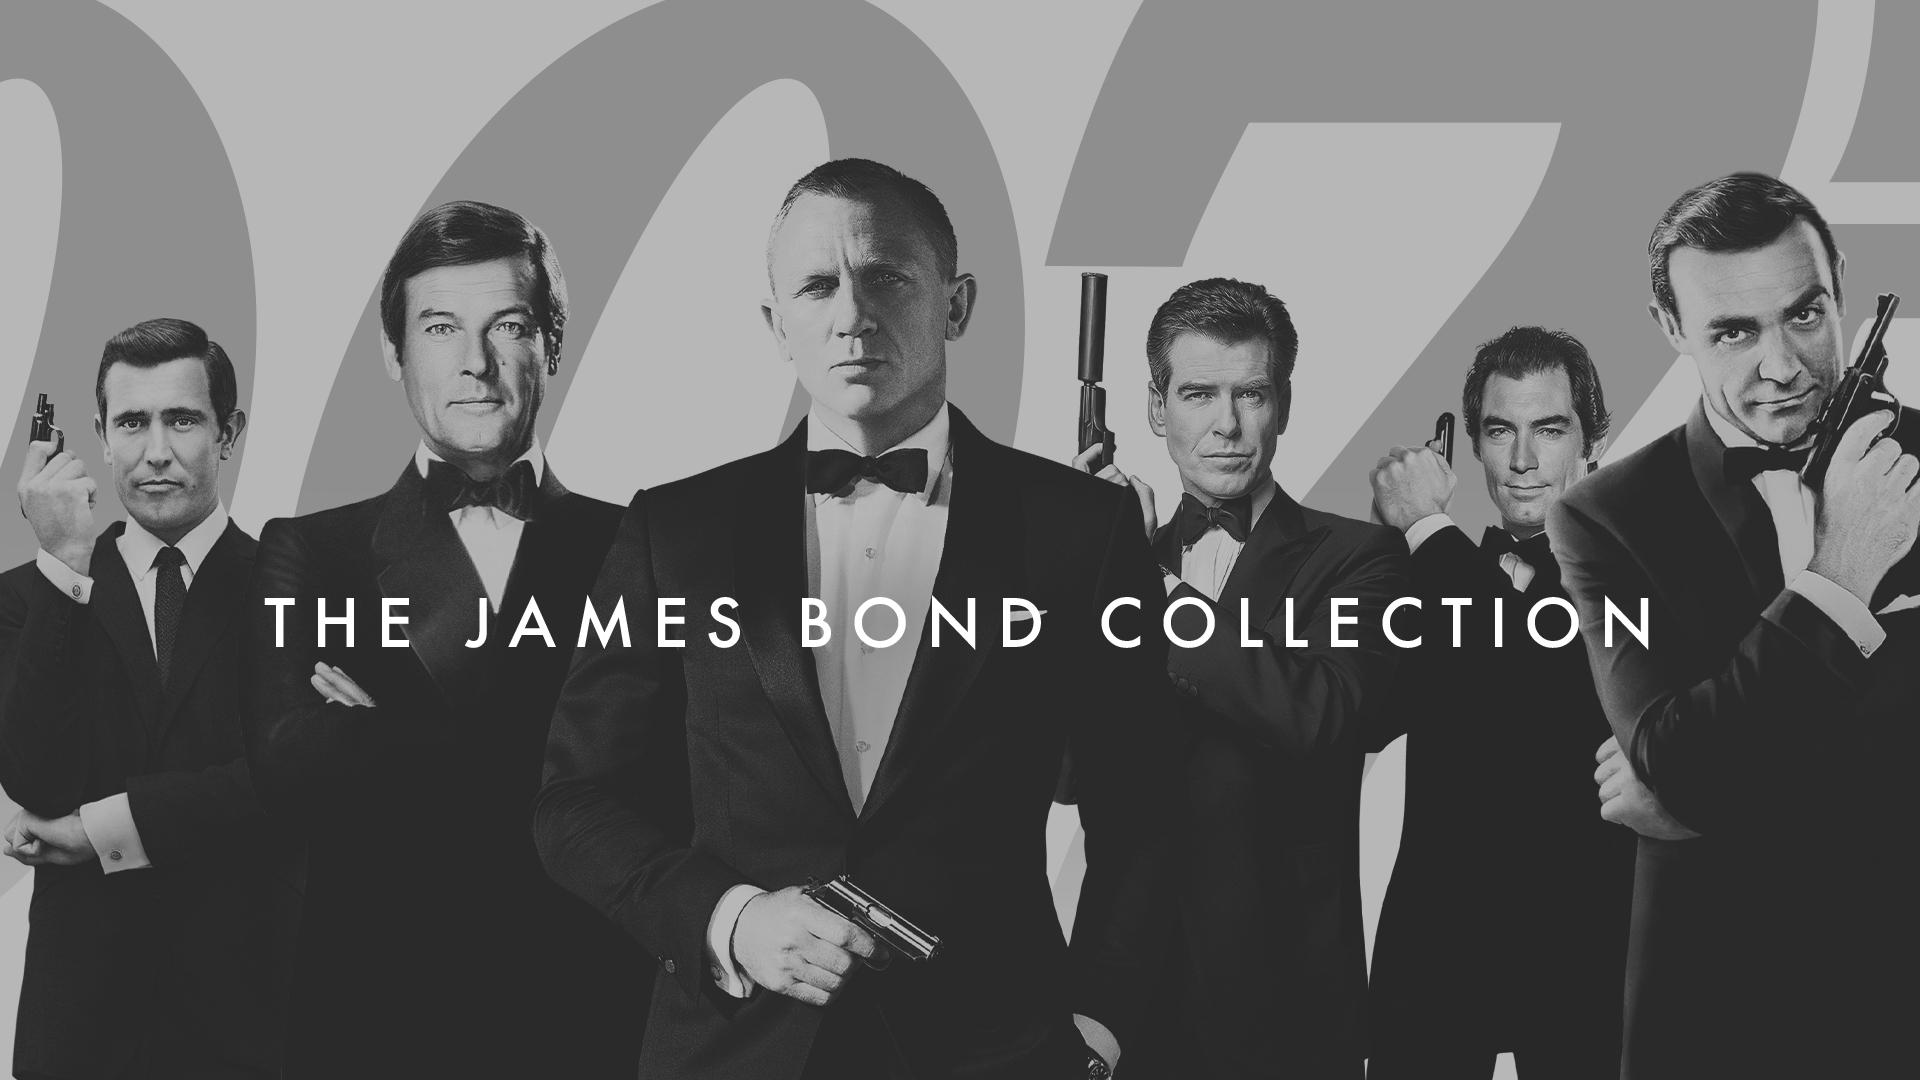 James Bond online - pełna kolekcja filmów w HBO GO! Znamy datę